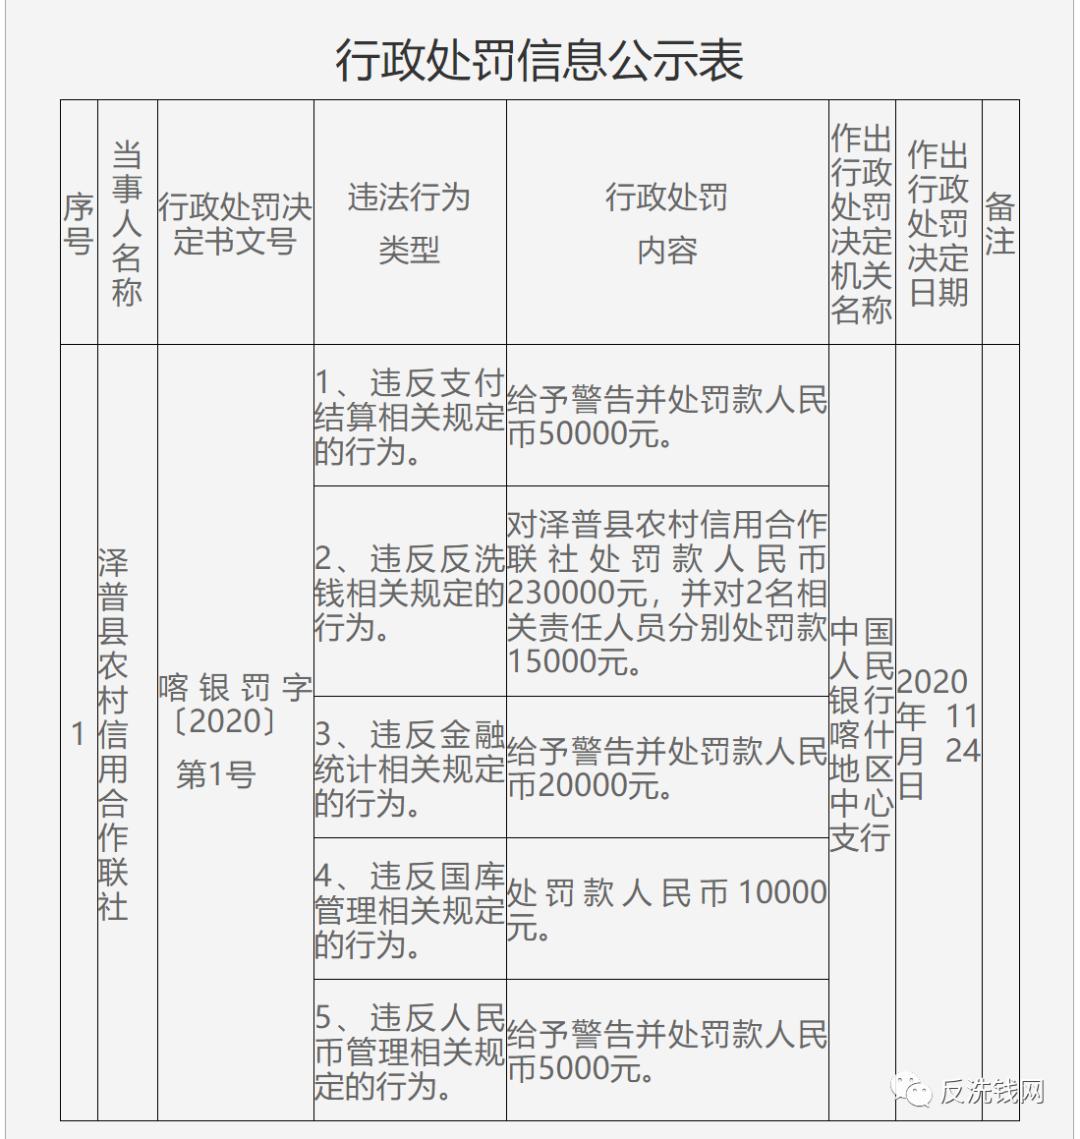 """泽普农信社""""五宗罪""""领央行31.5万元罚单"""